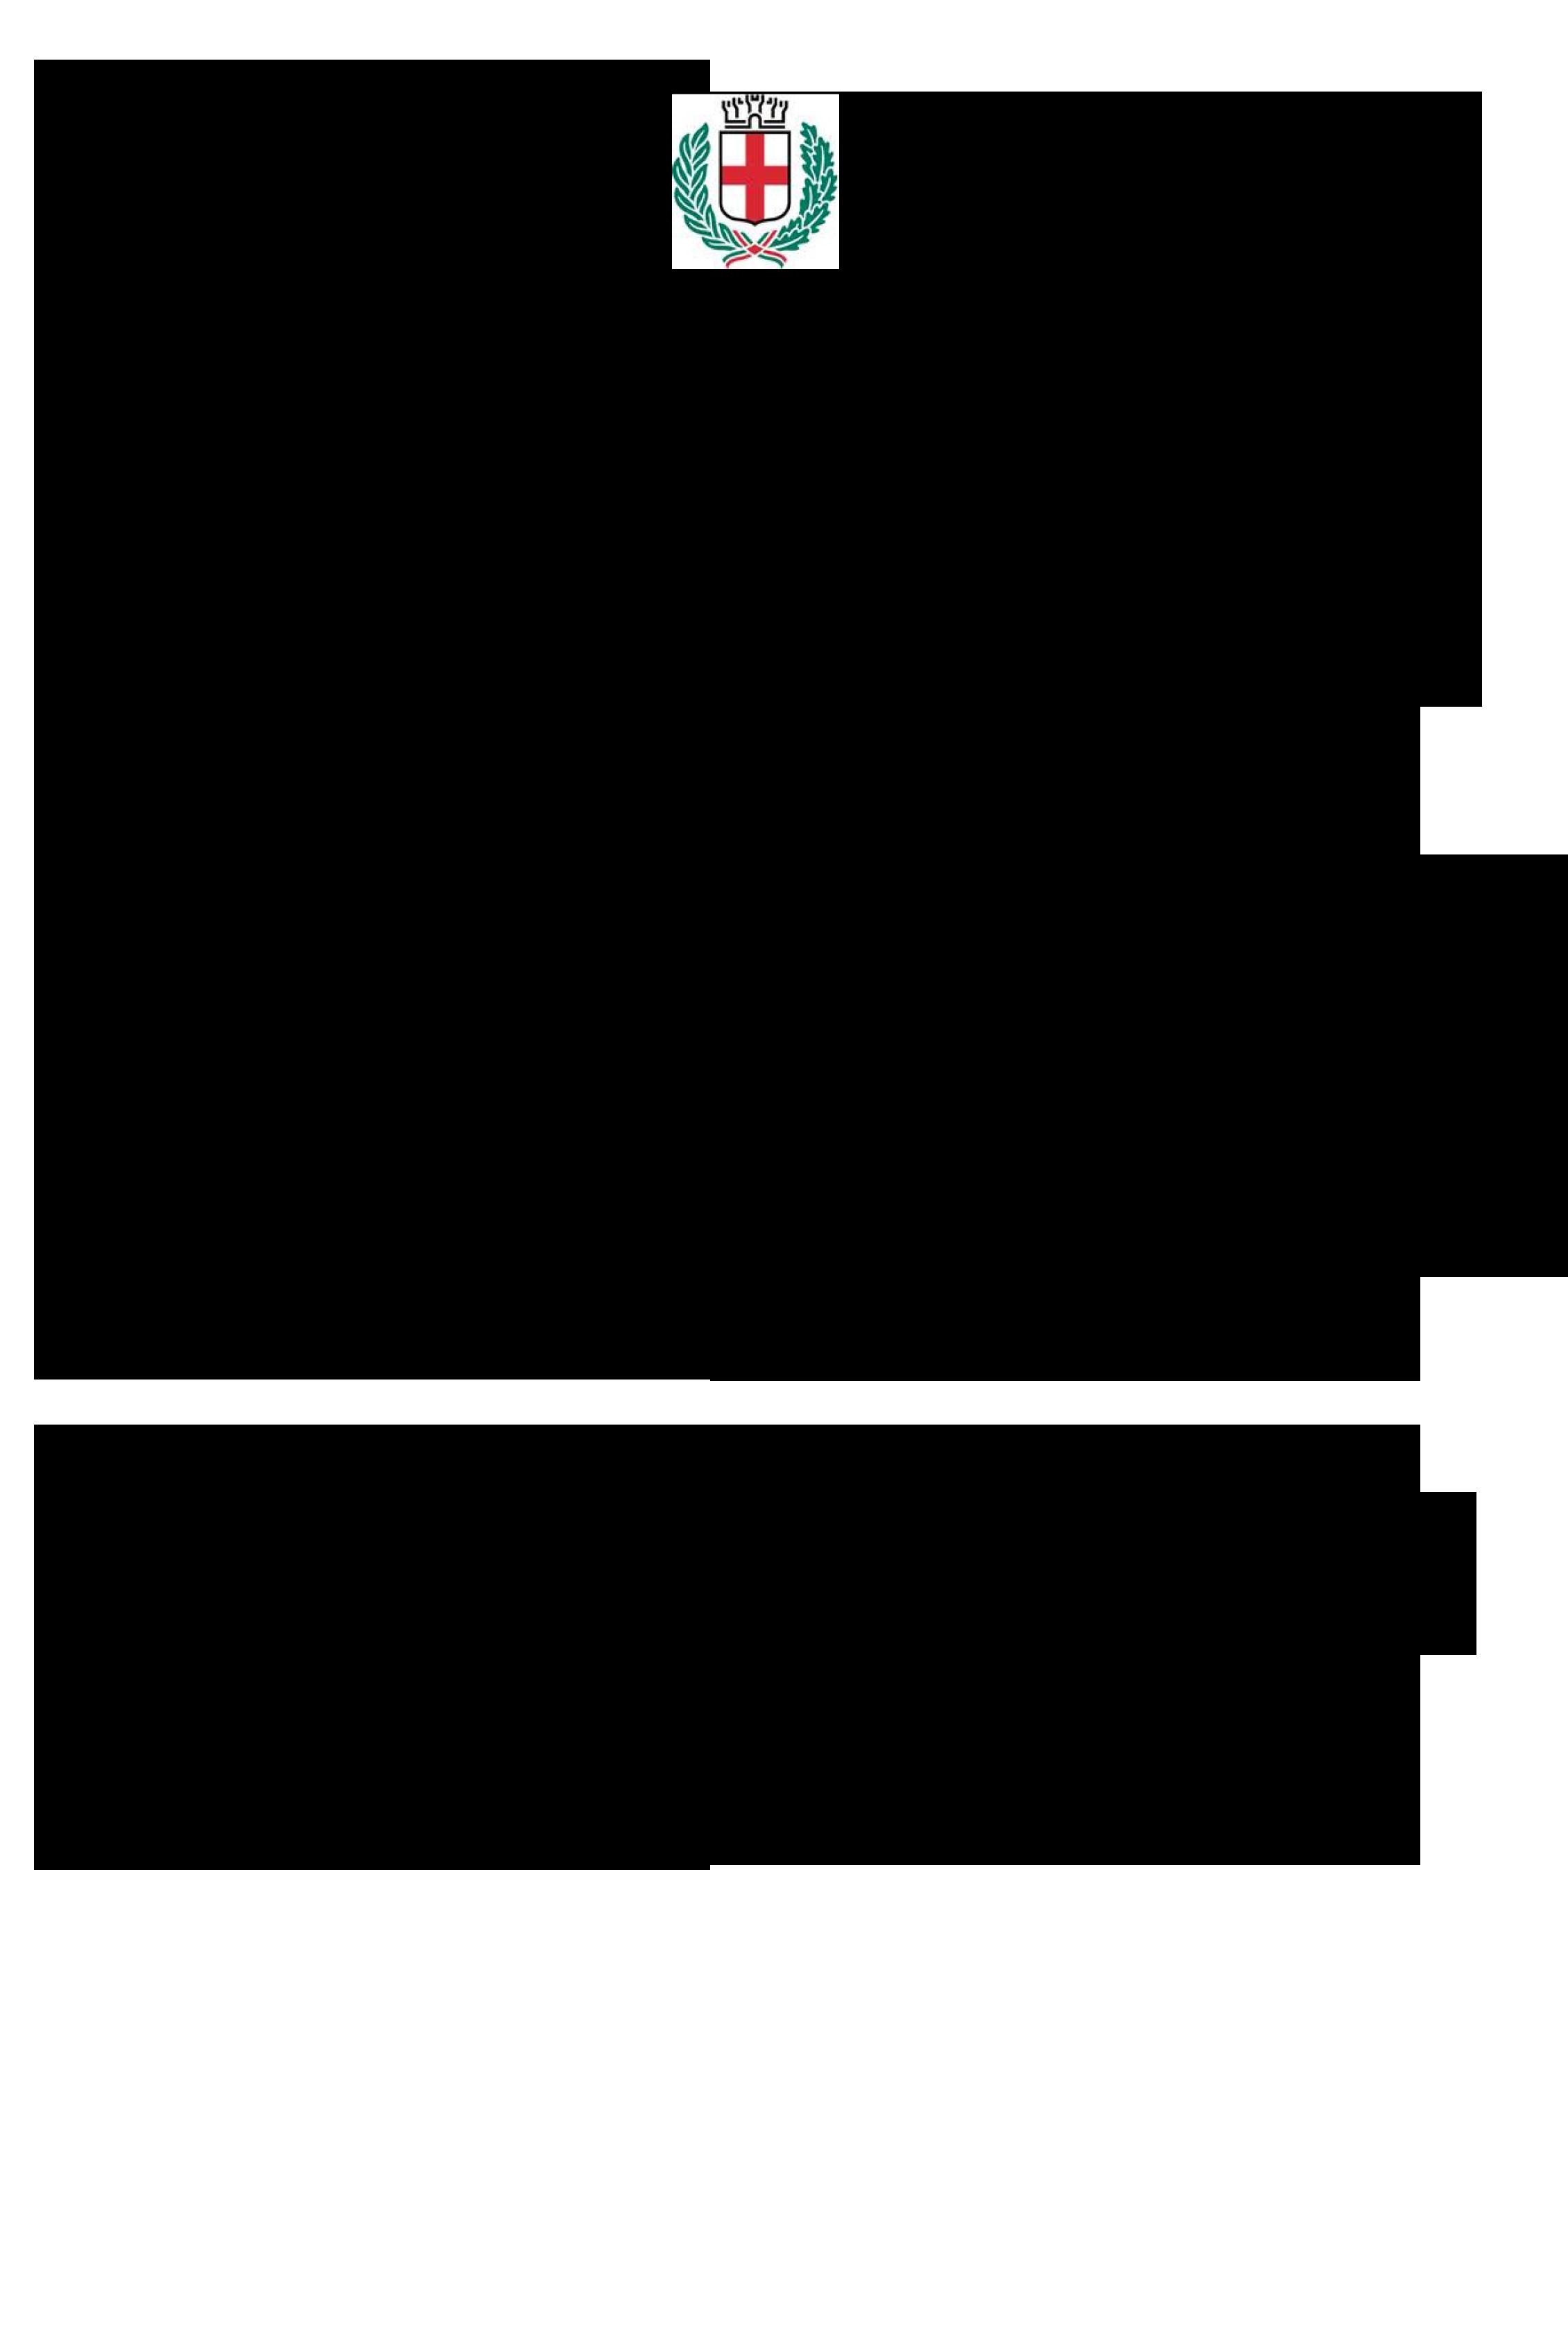 delibera1